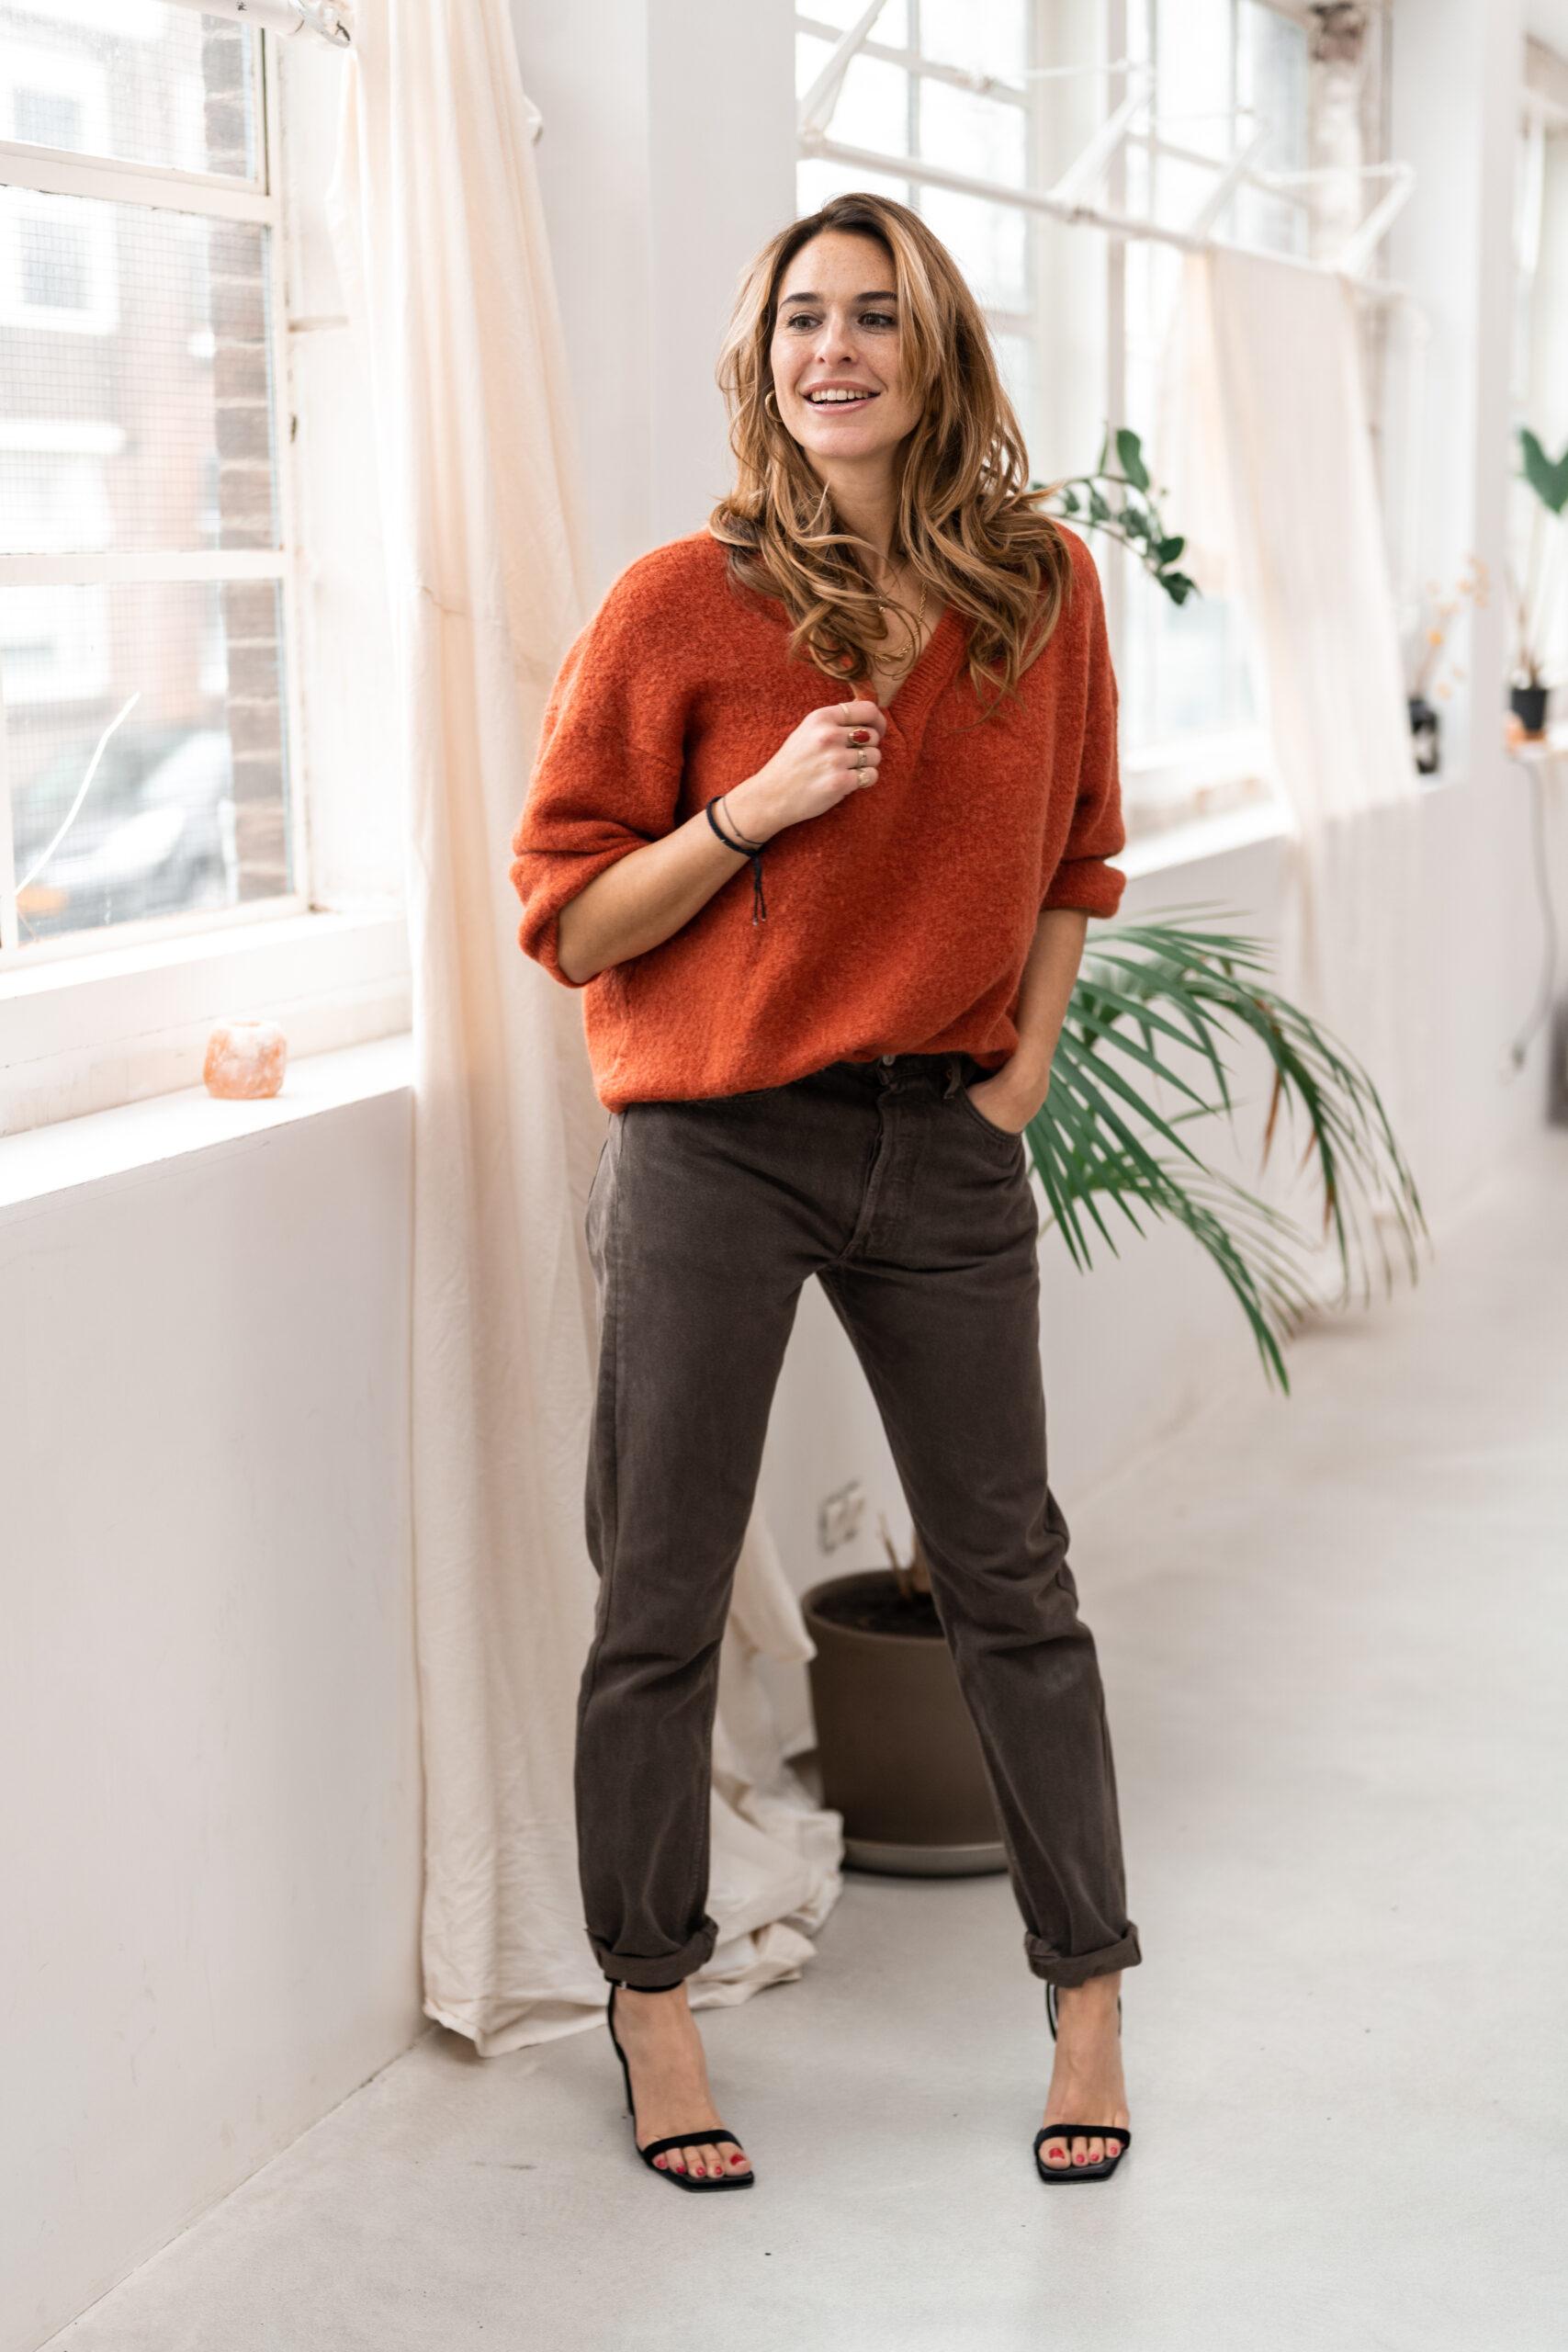 Meisje staat voor een grote raampartij met een oranje trui aan